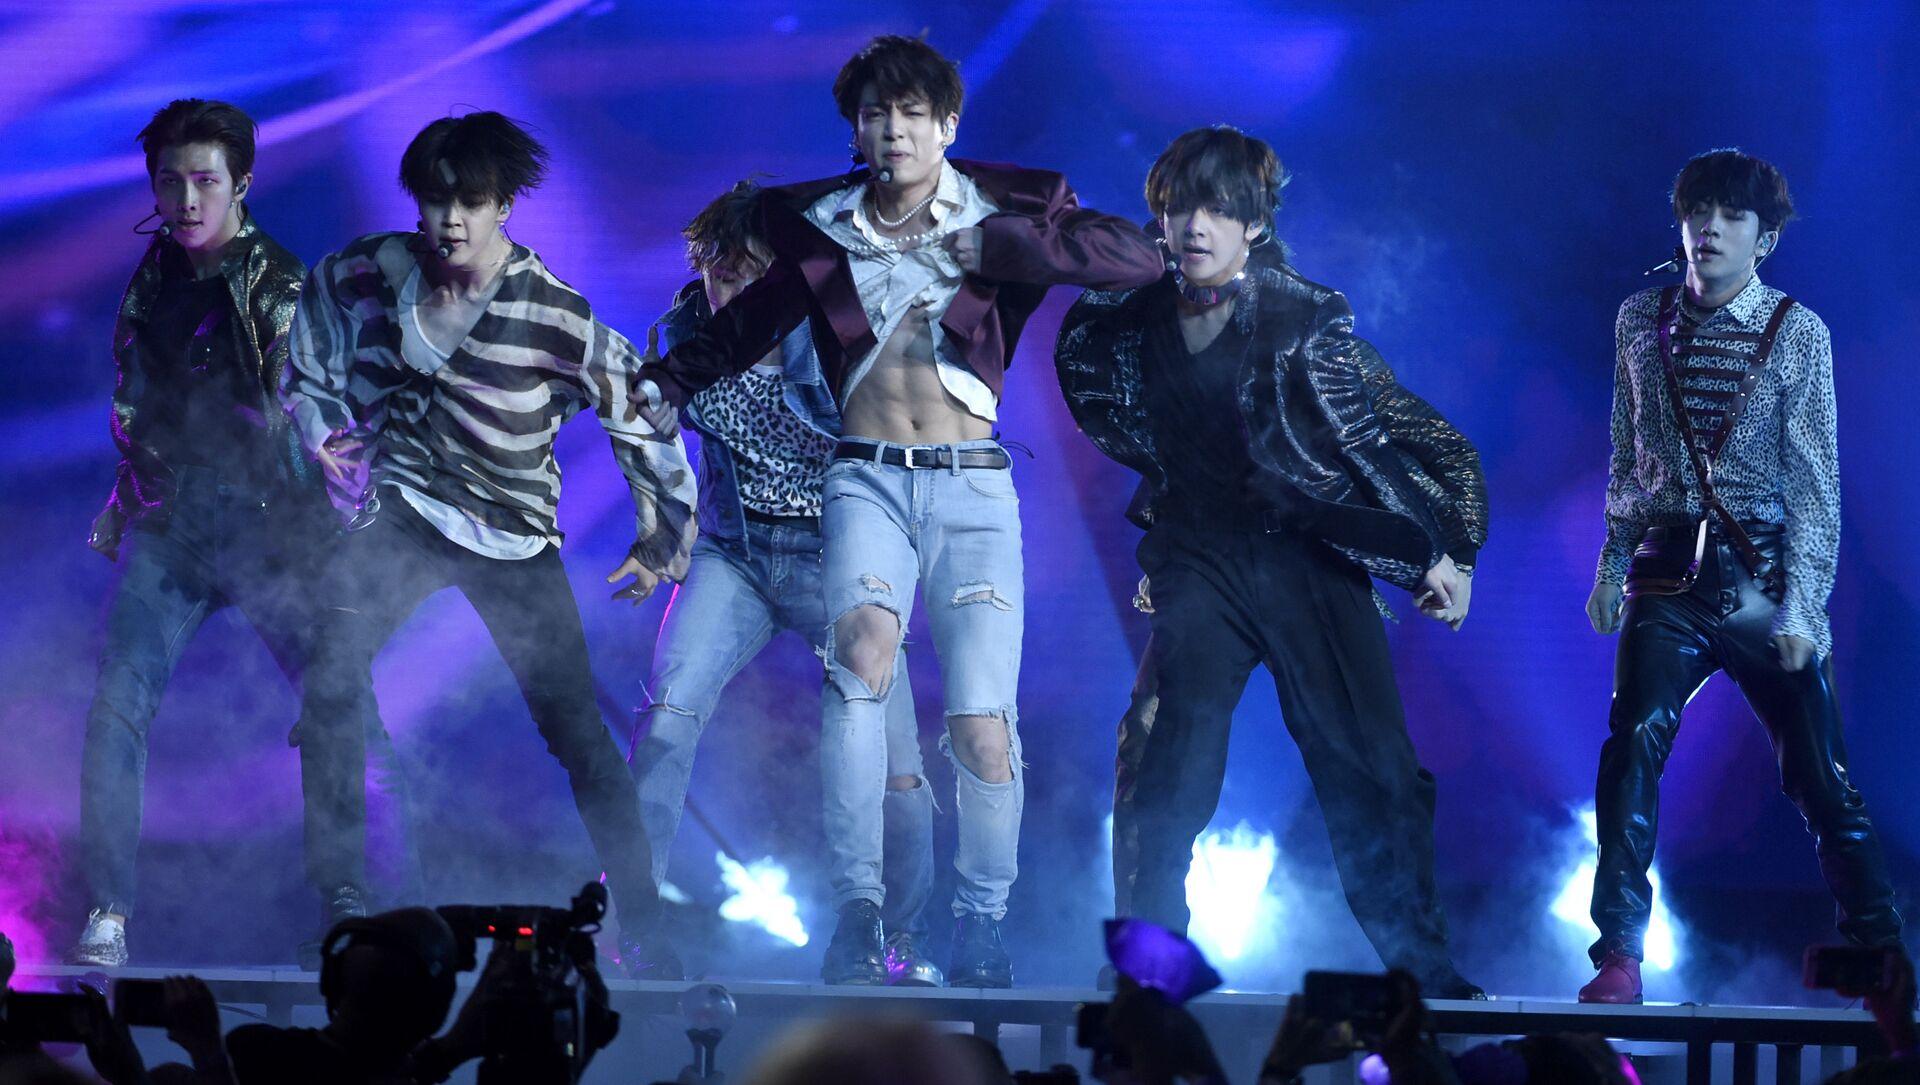 Южнокорейская группа BTS во время выступления в Лас-Вегасе - Sputnik Italia, 1920, 06.04.2021